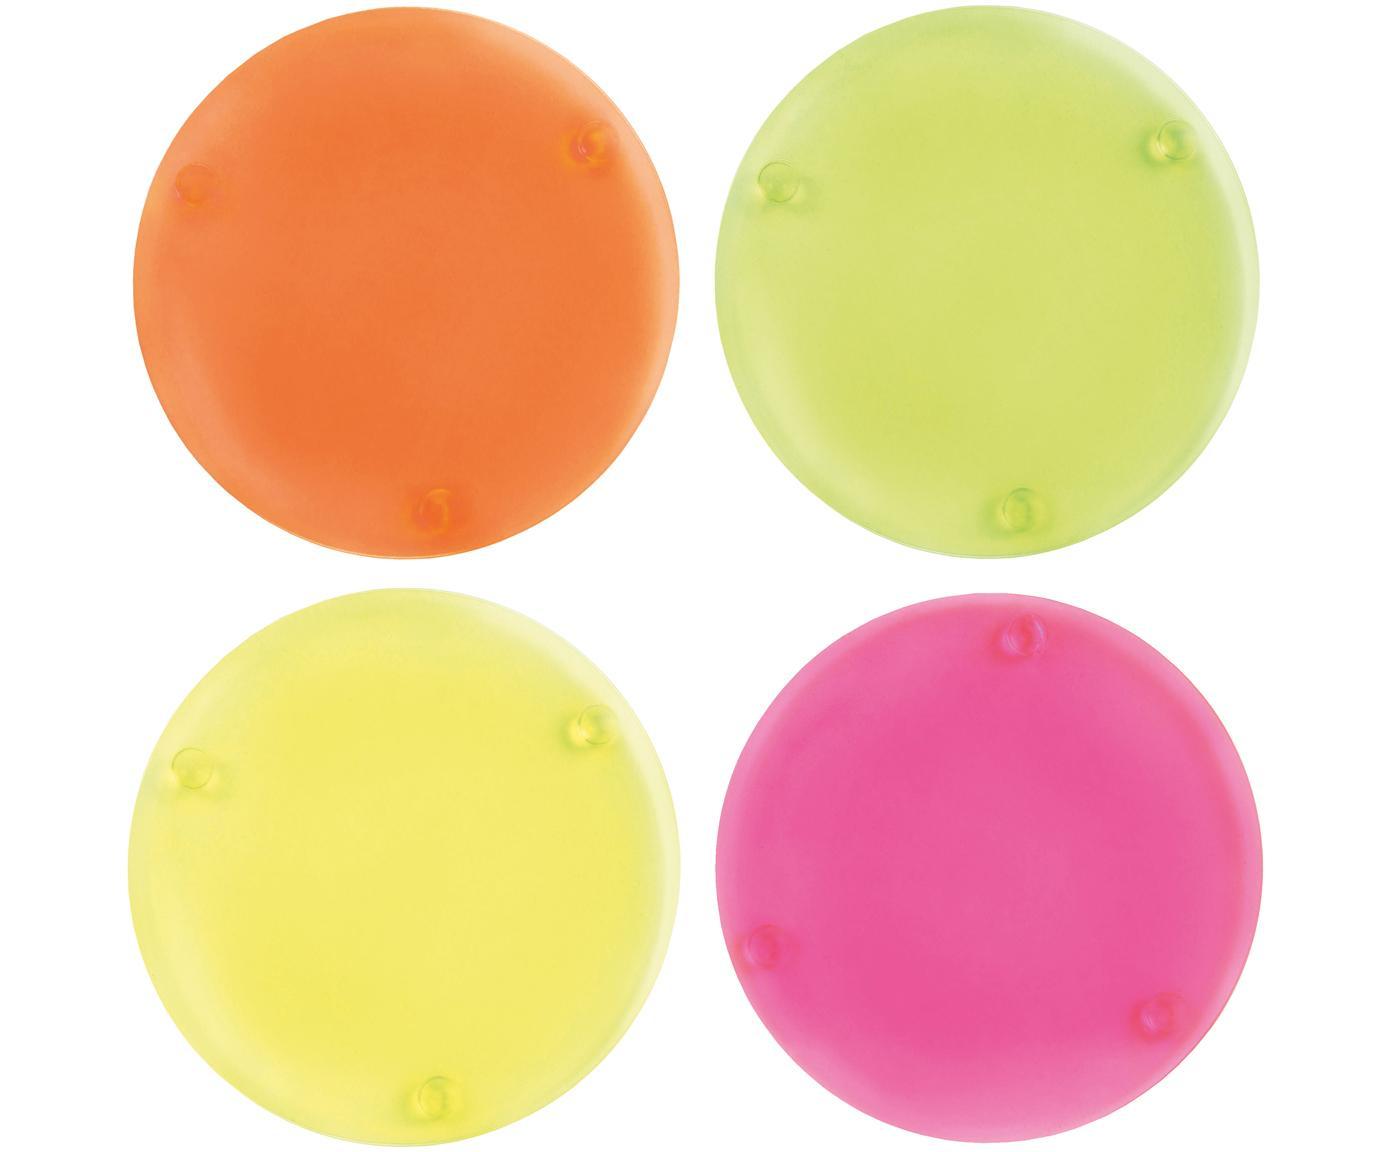 Set de posavasos en acrilico Neon, 4uds., Acrílico, Amarillo, verde, naranja, rosa, Ø 10 cm